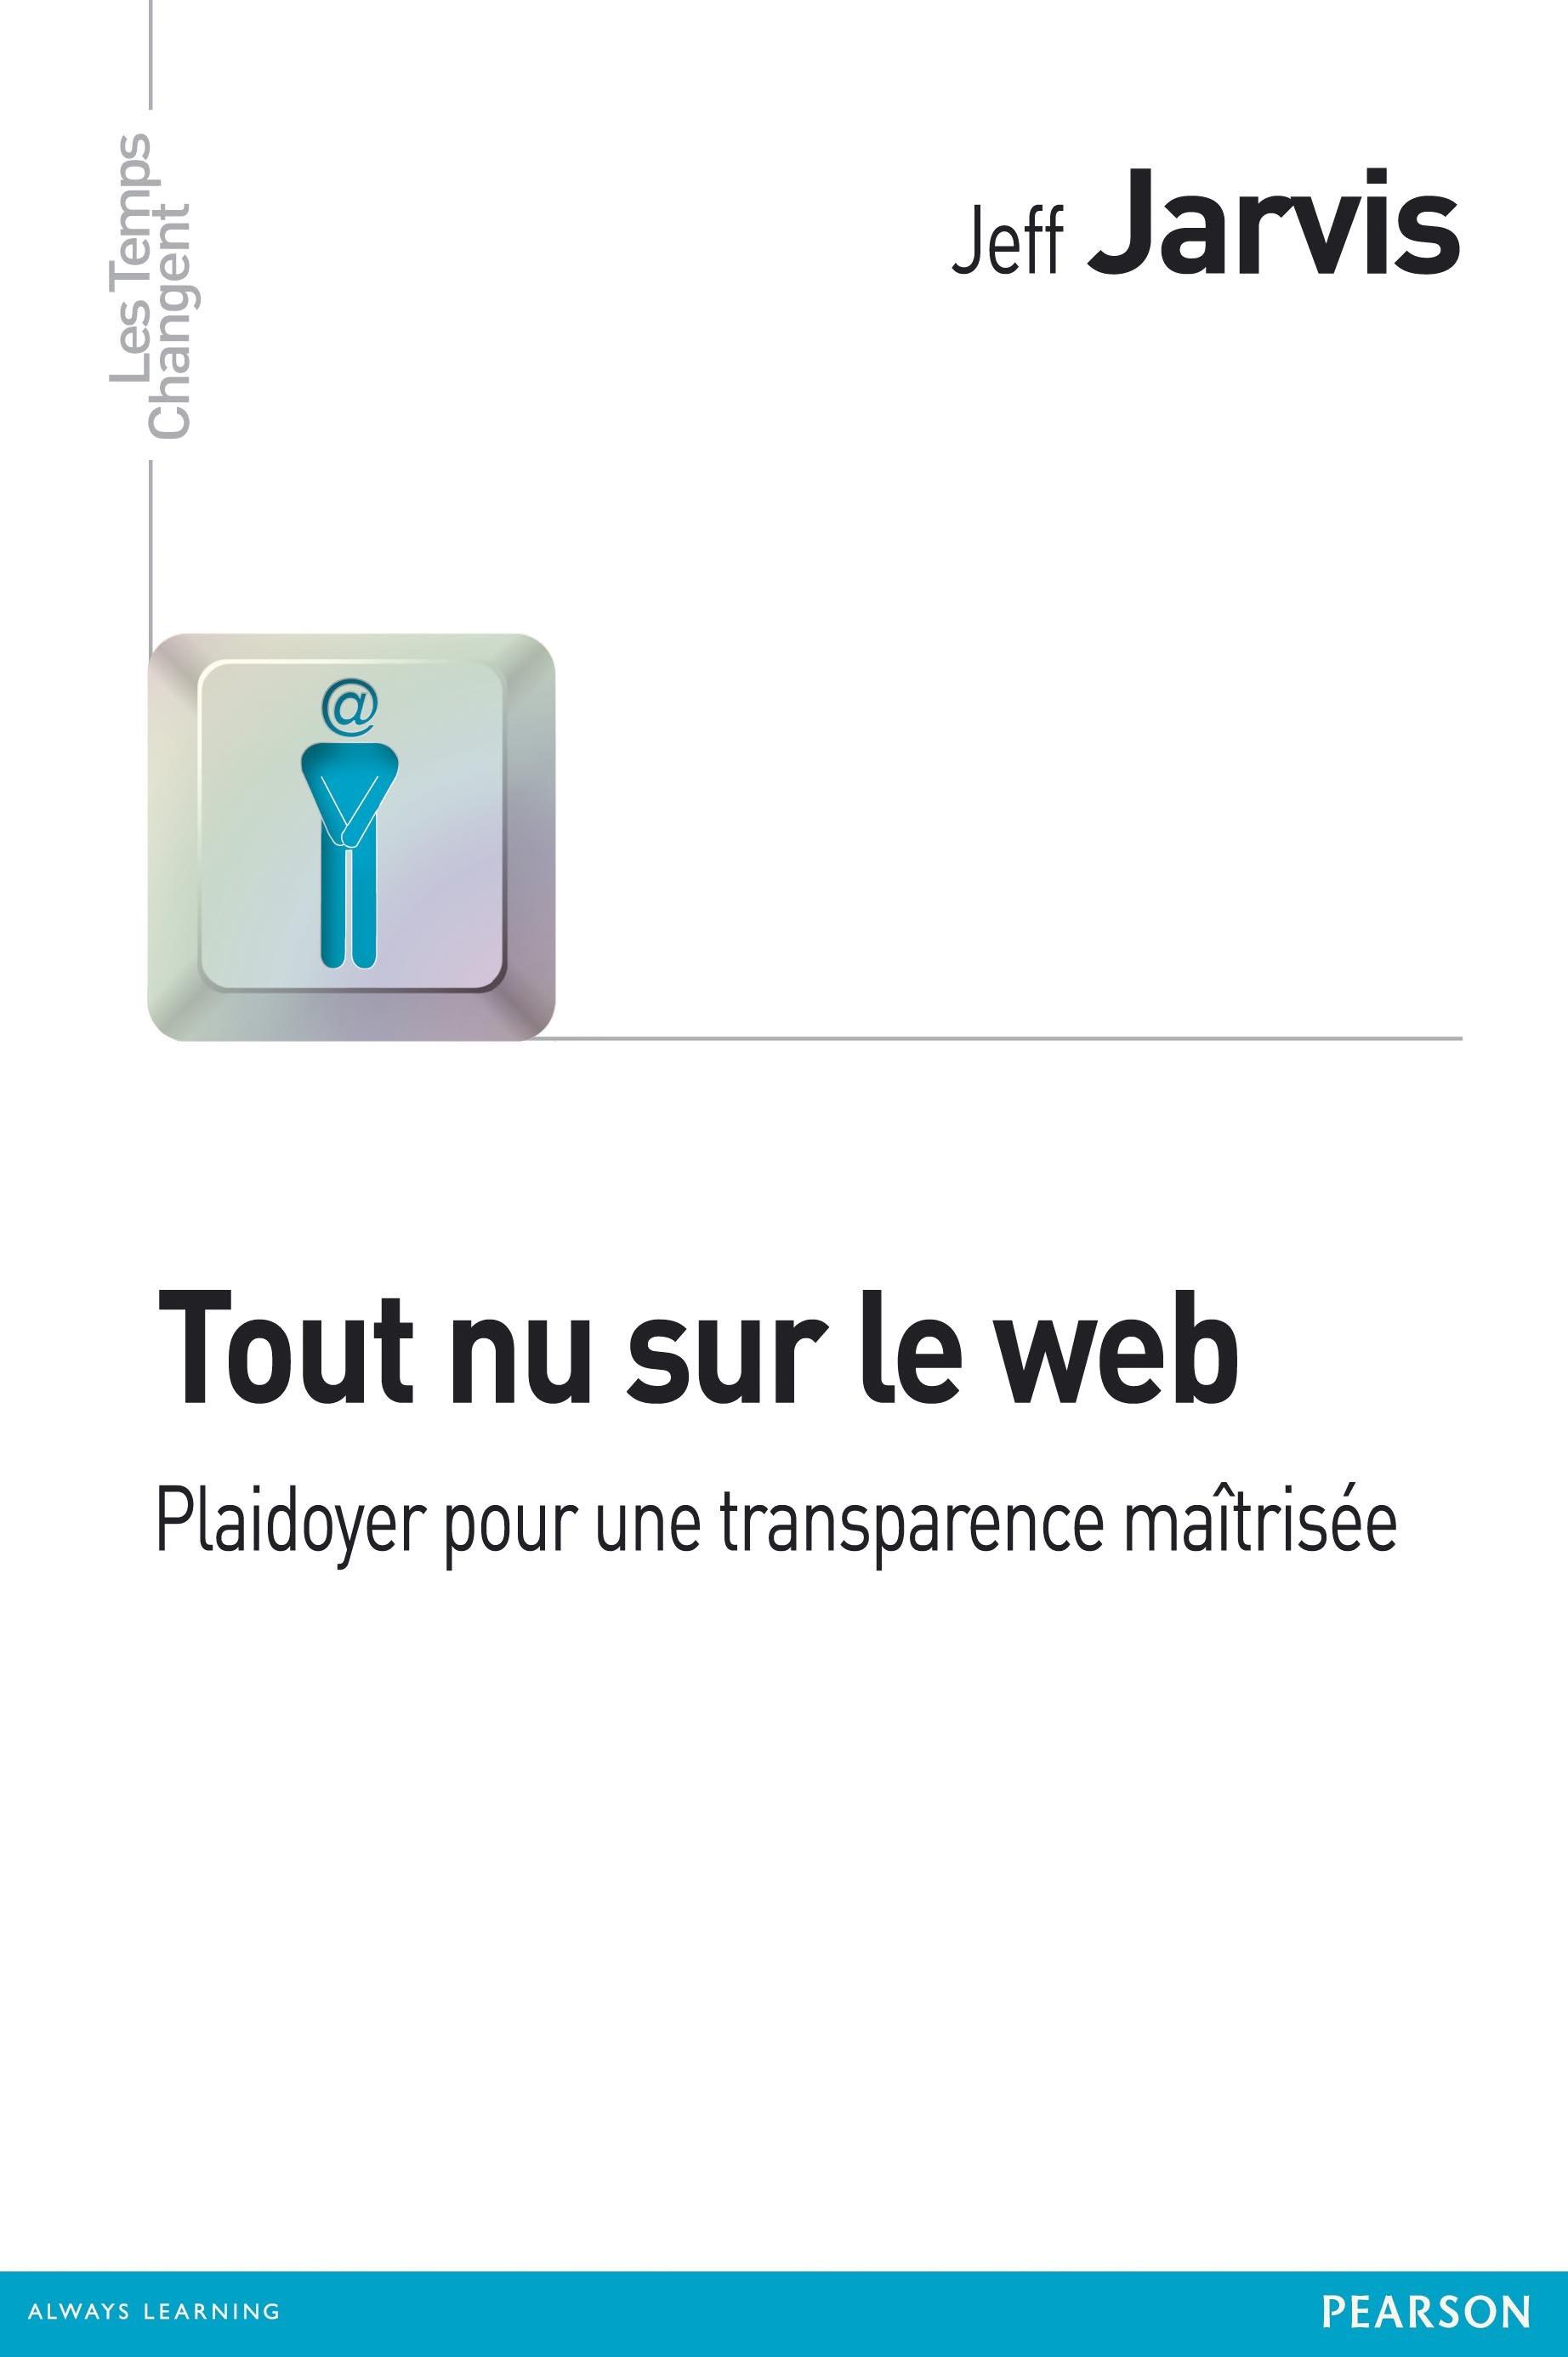 Jeff Jarvis Tout nu sur le web ; plaidoyer pour une transparence responsable